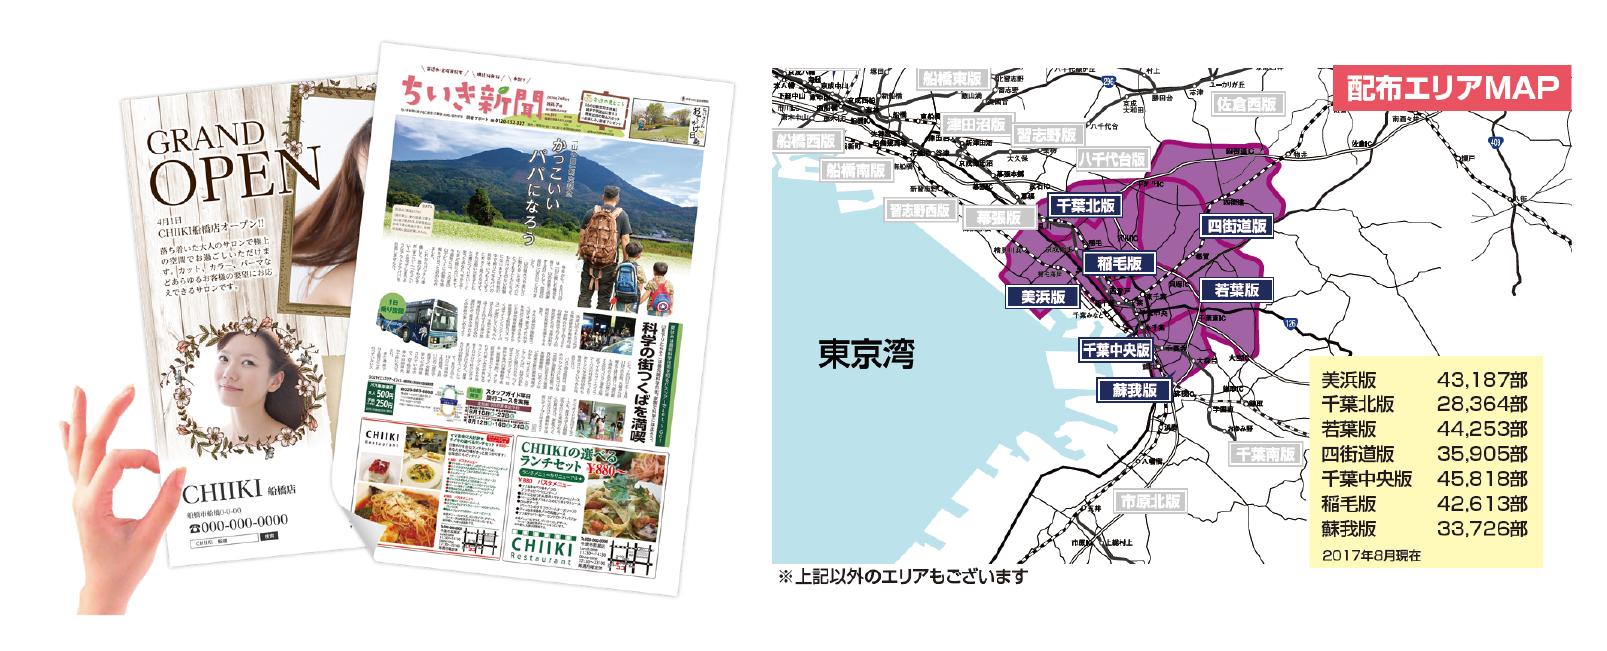 【千葉市中央区 ポスティングエリアMAP・部数一覧】